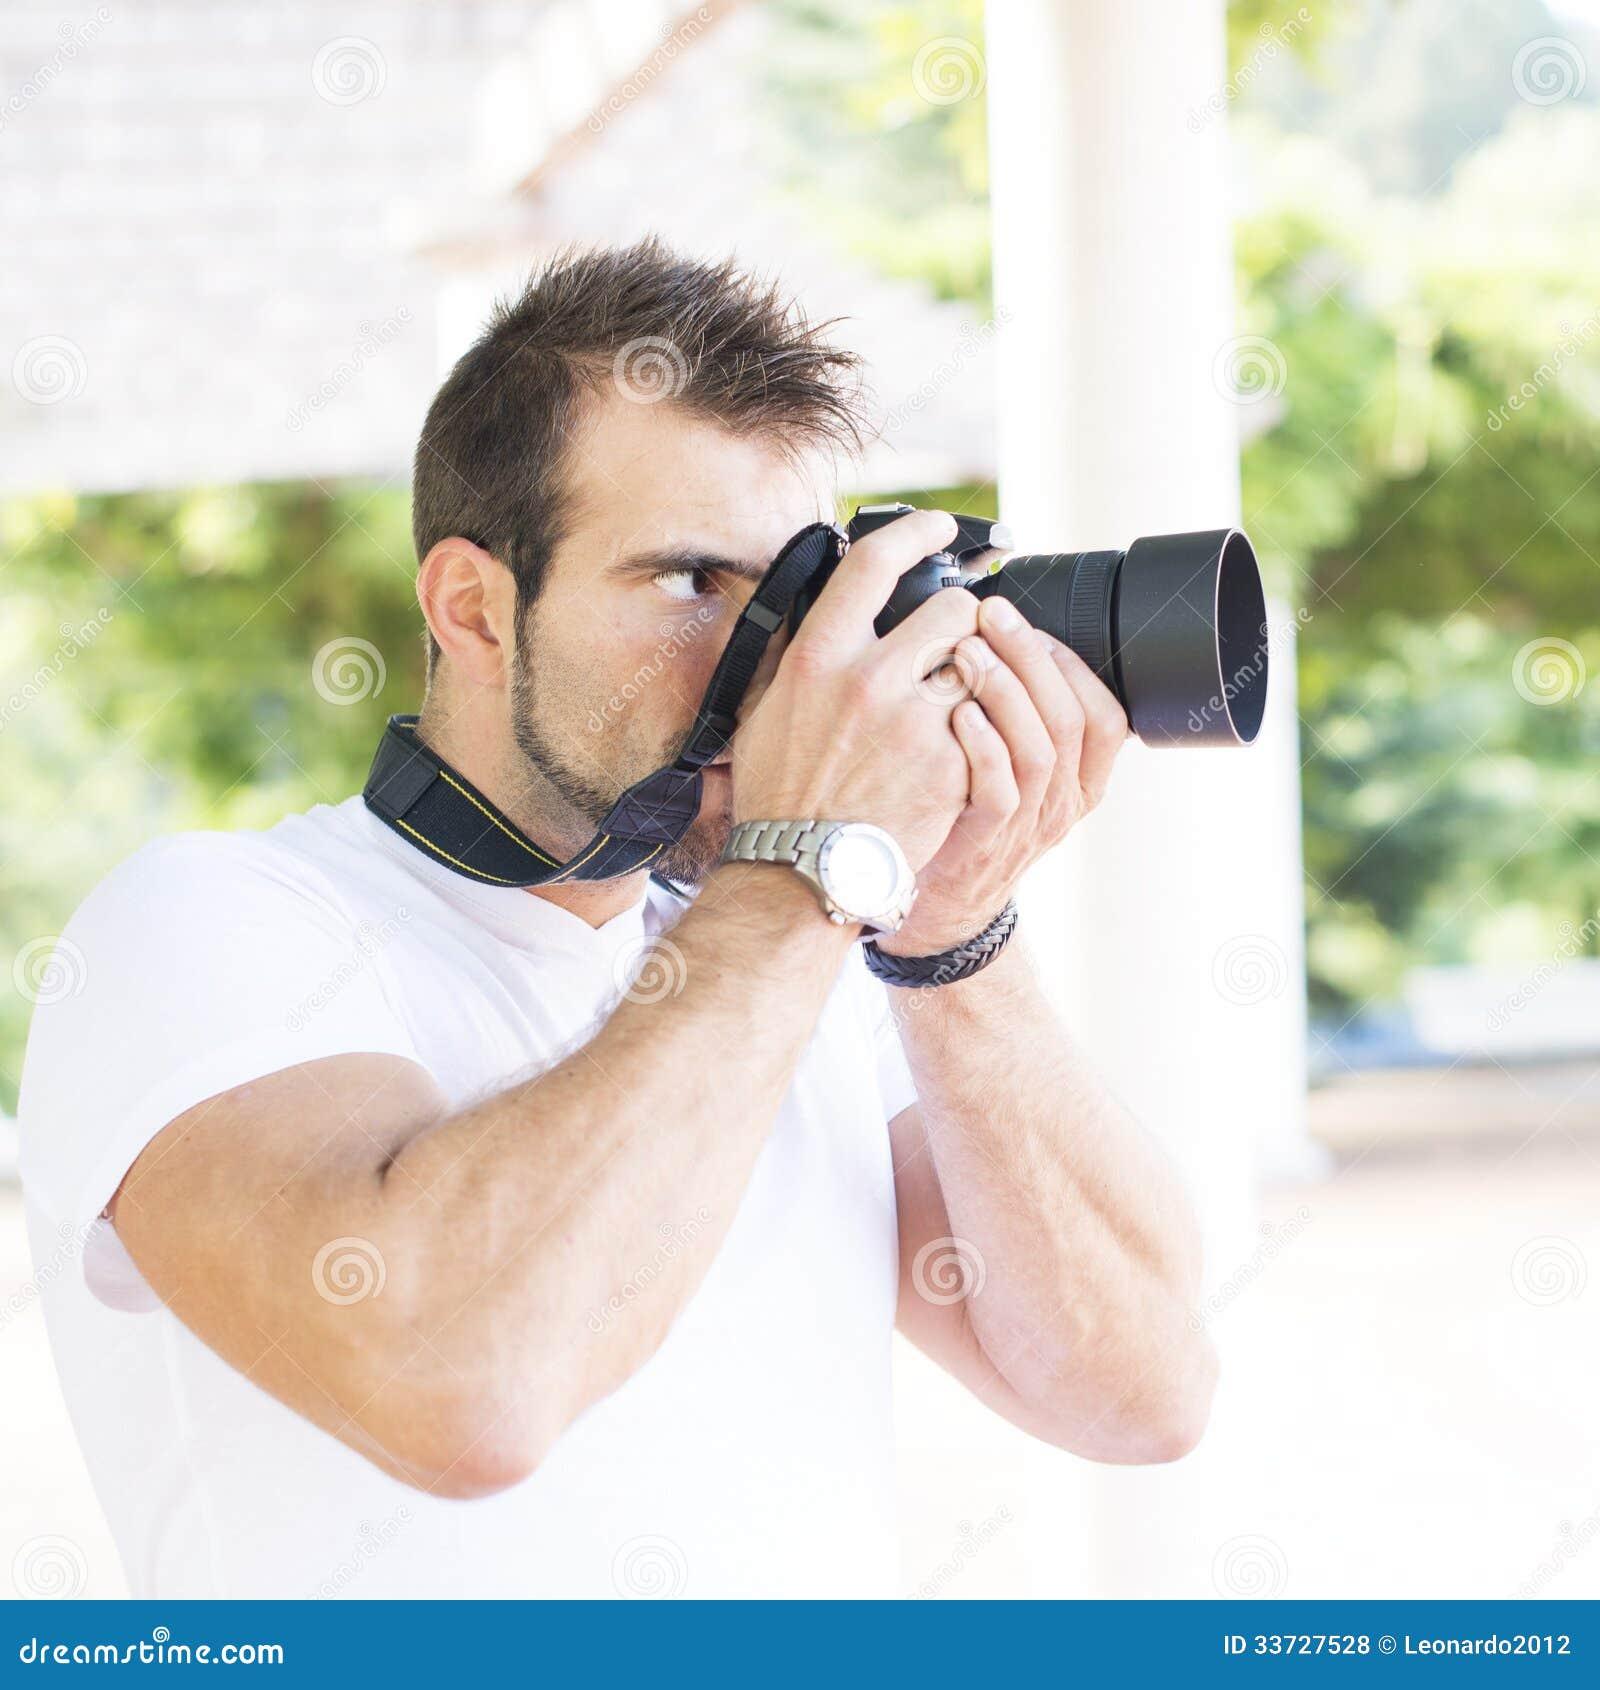 Фотограф используя профессиональную камеру.